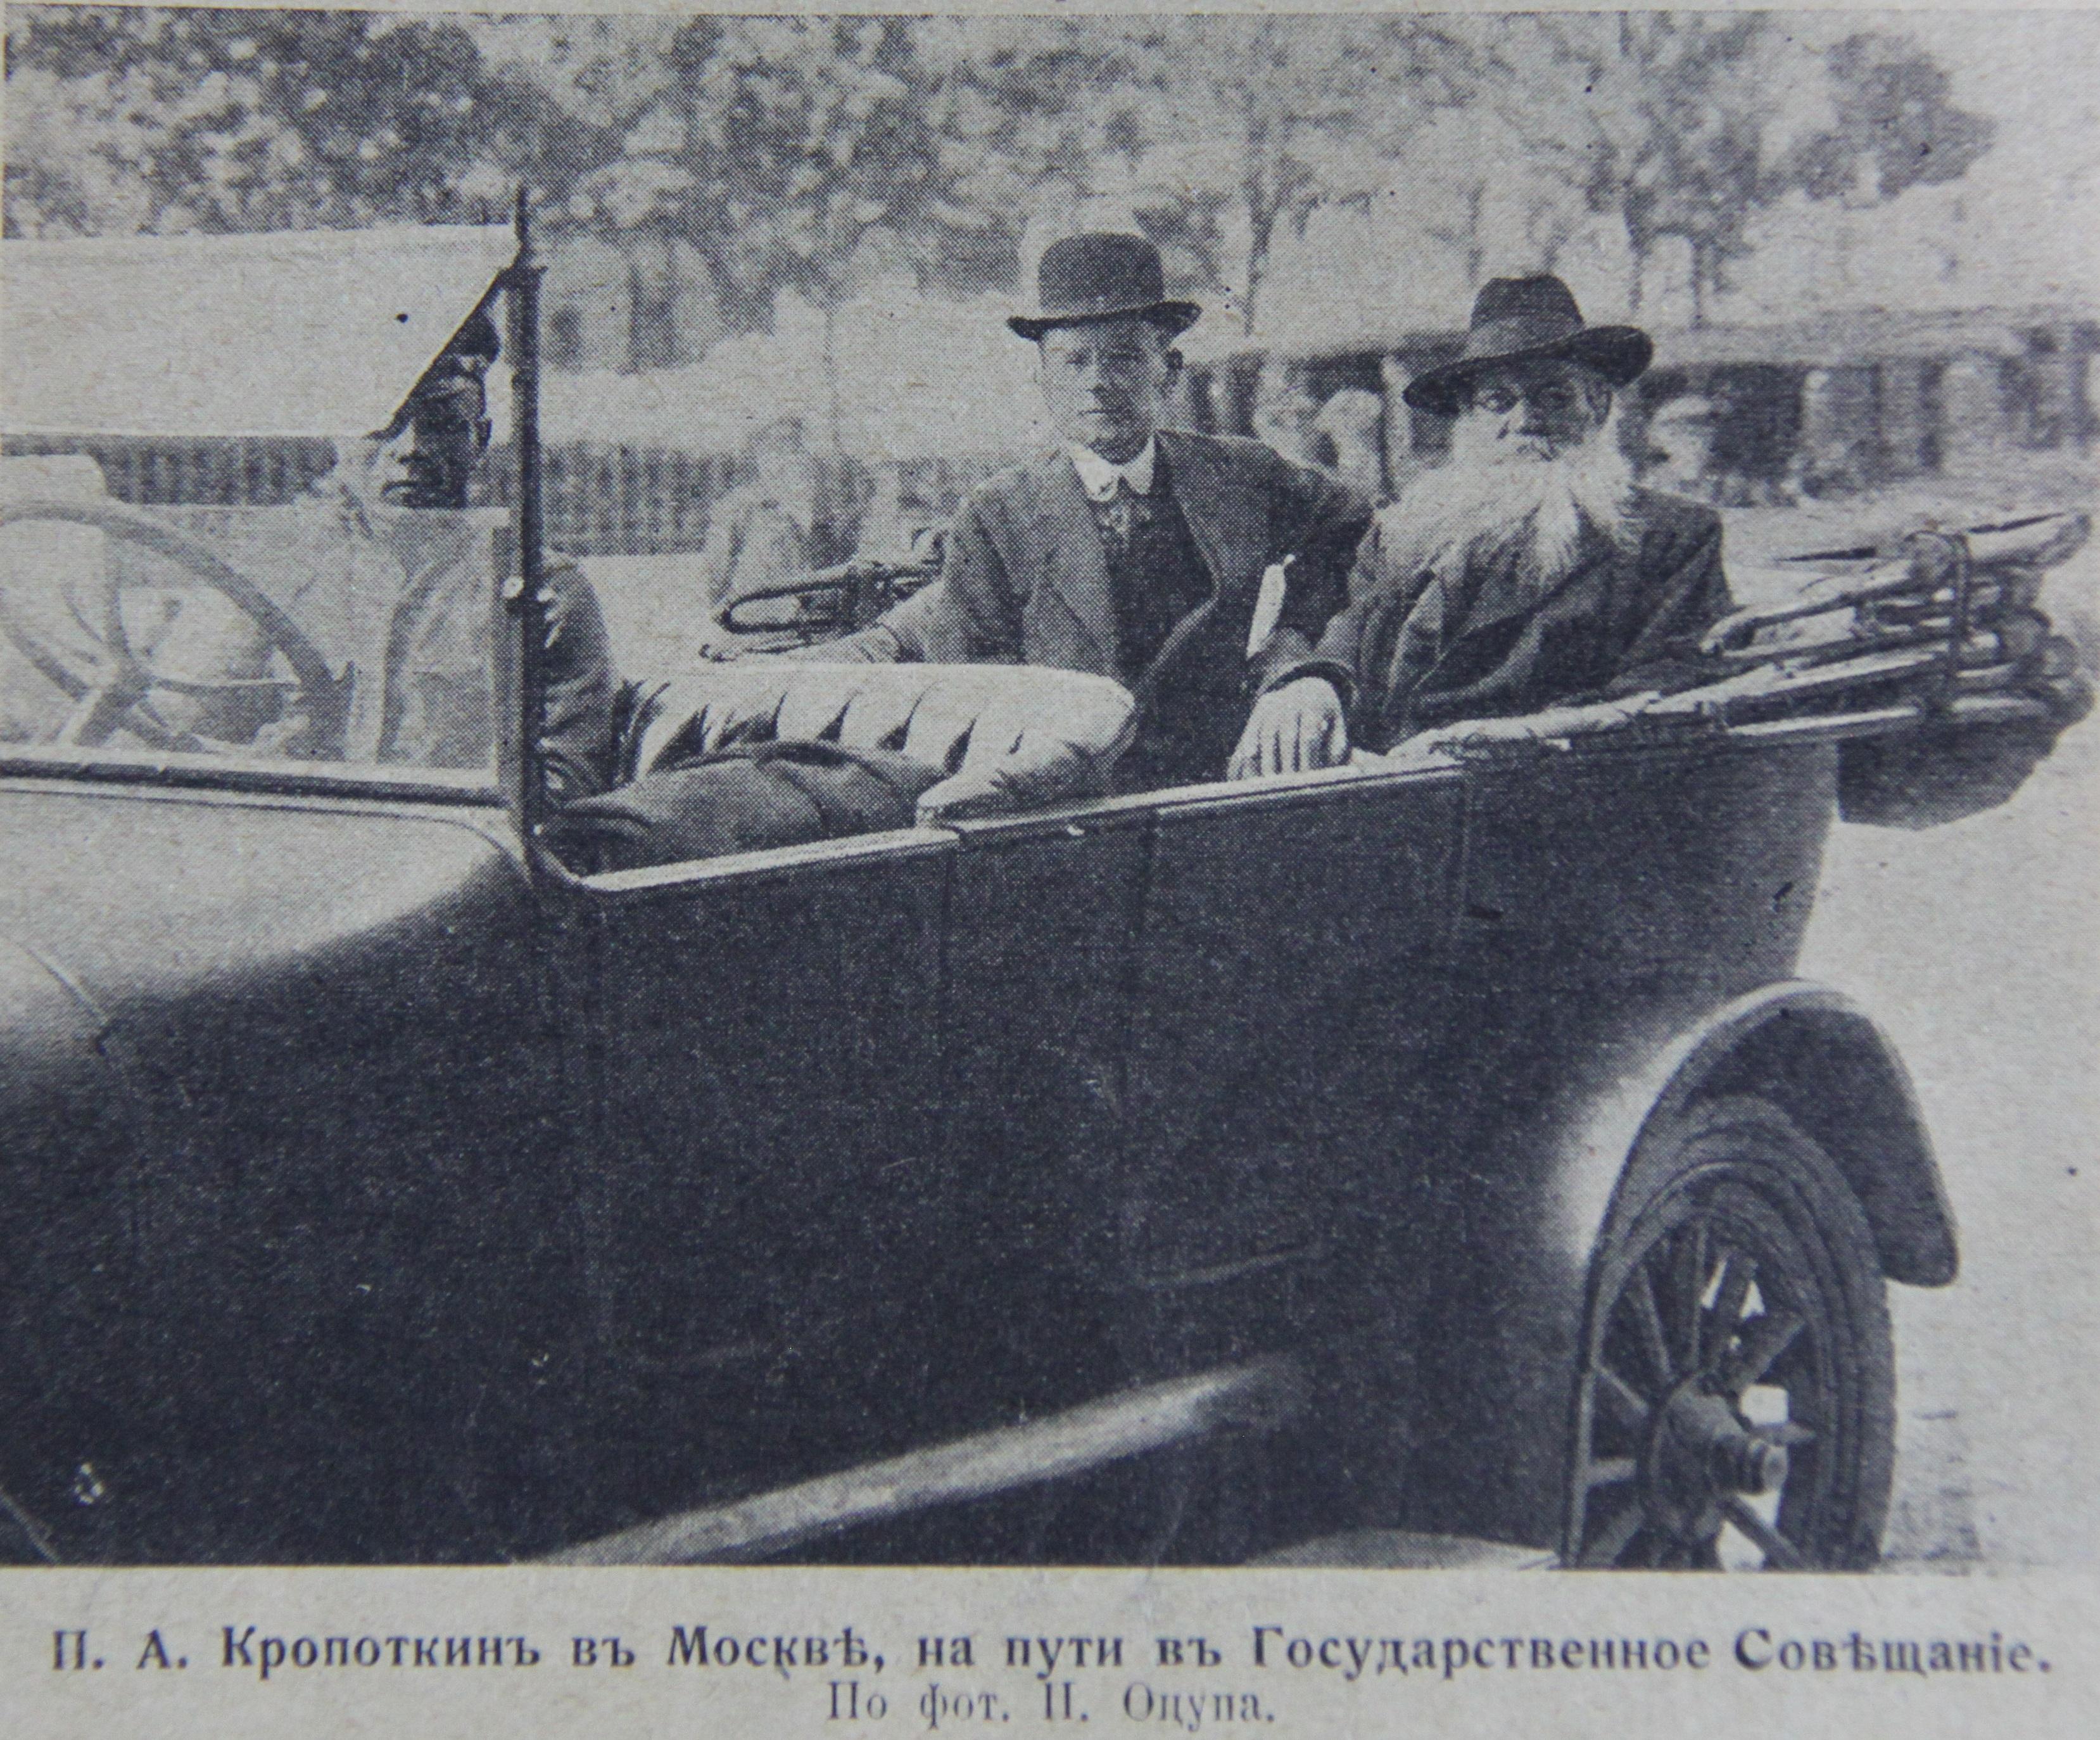 П.А.Кропоткин в Москве, на пути в Государственное Совещание. Журнал НИВА №33 1917 год